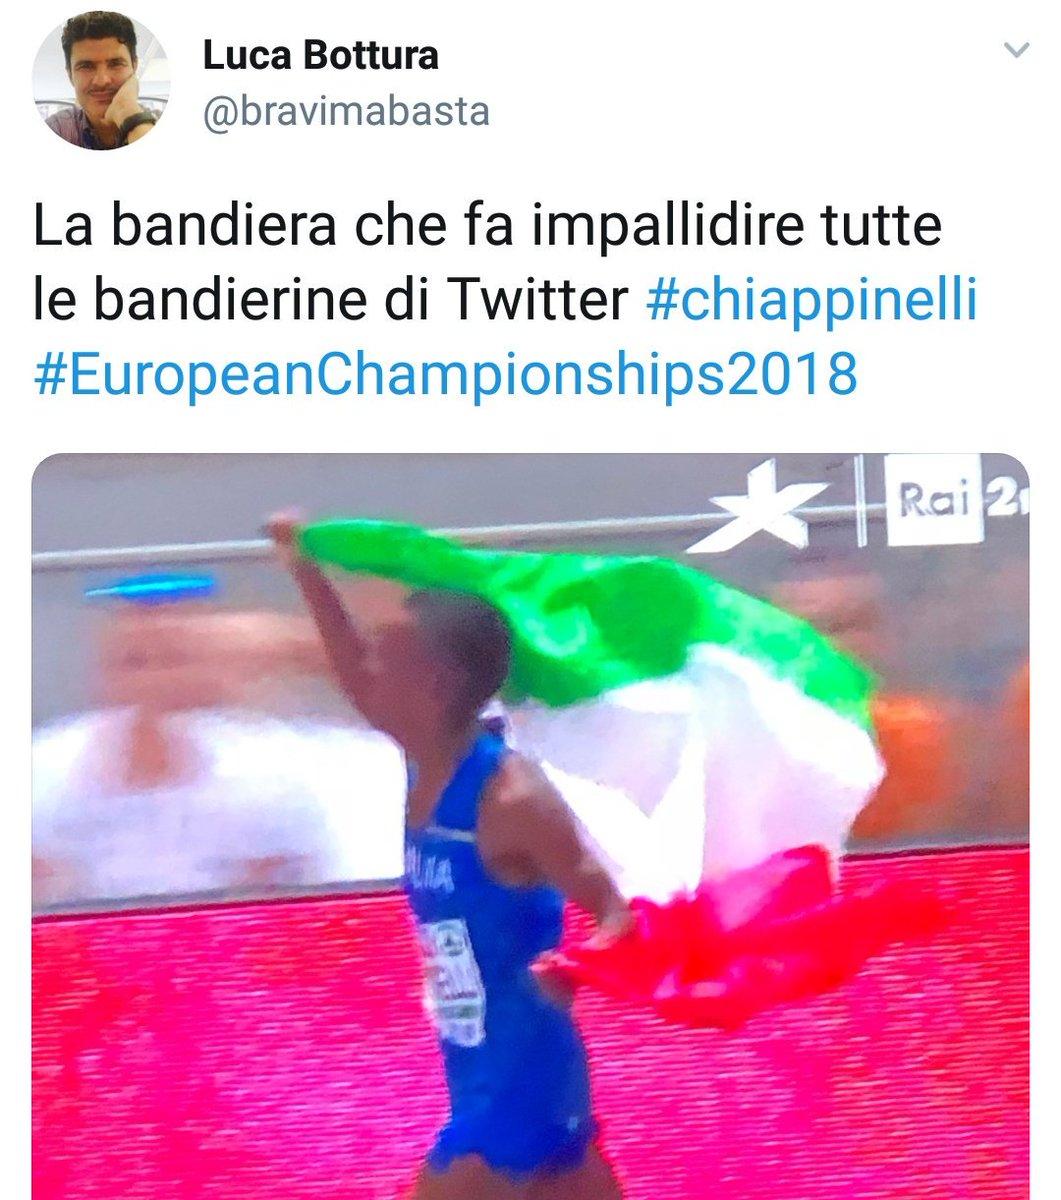 Si, fa impallidire tutte le bandierine .. forza Italia! Grande #Chiappinelli  - Ukustom